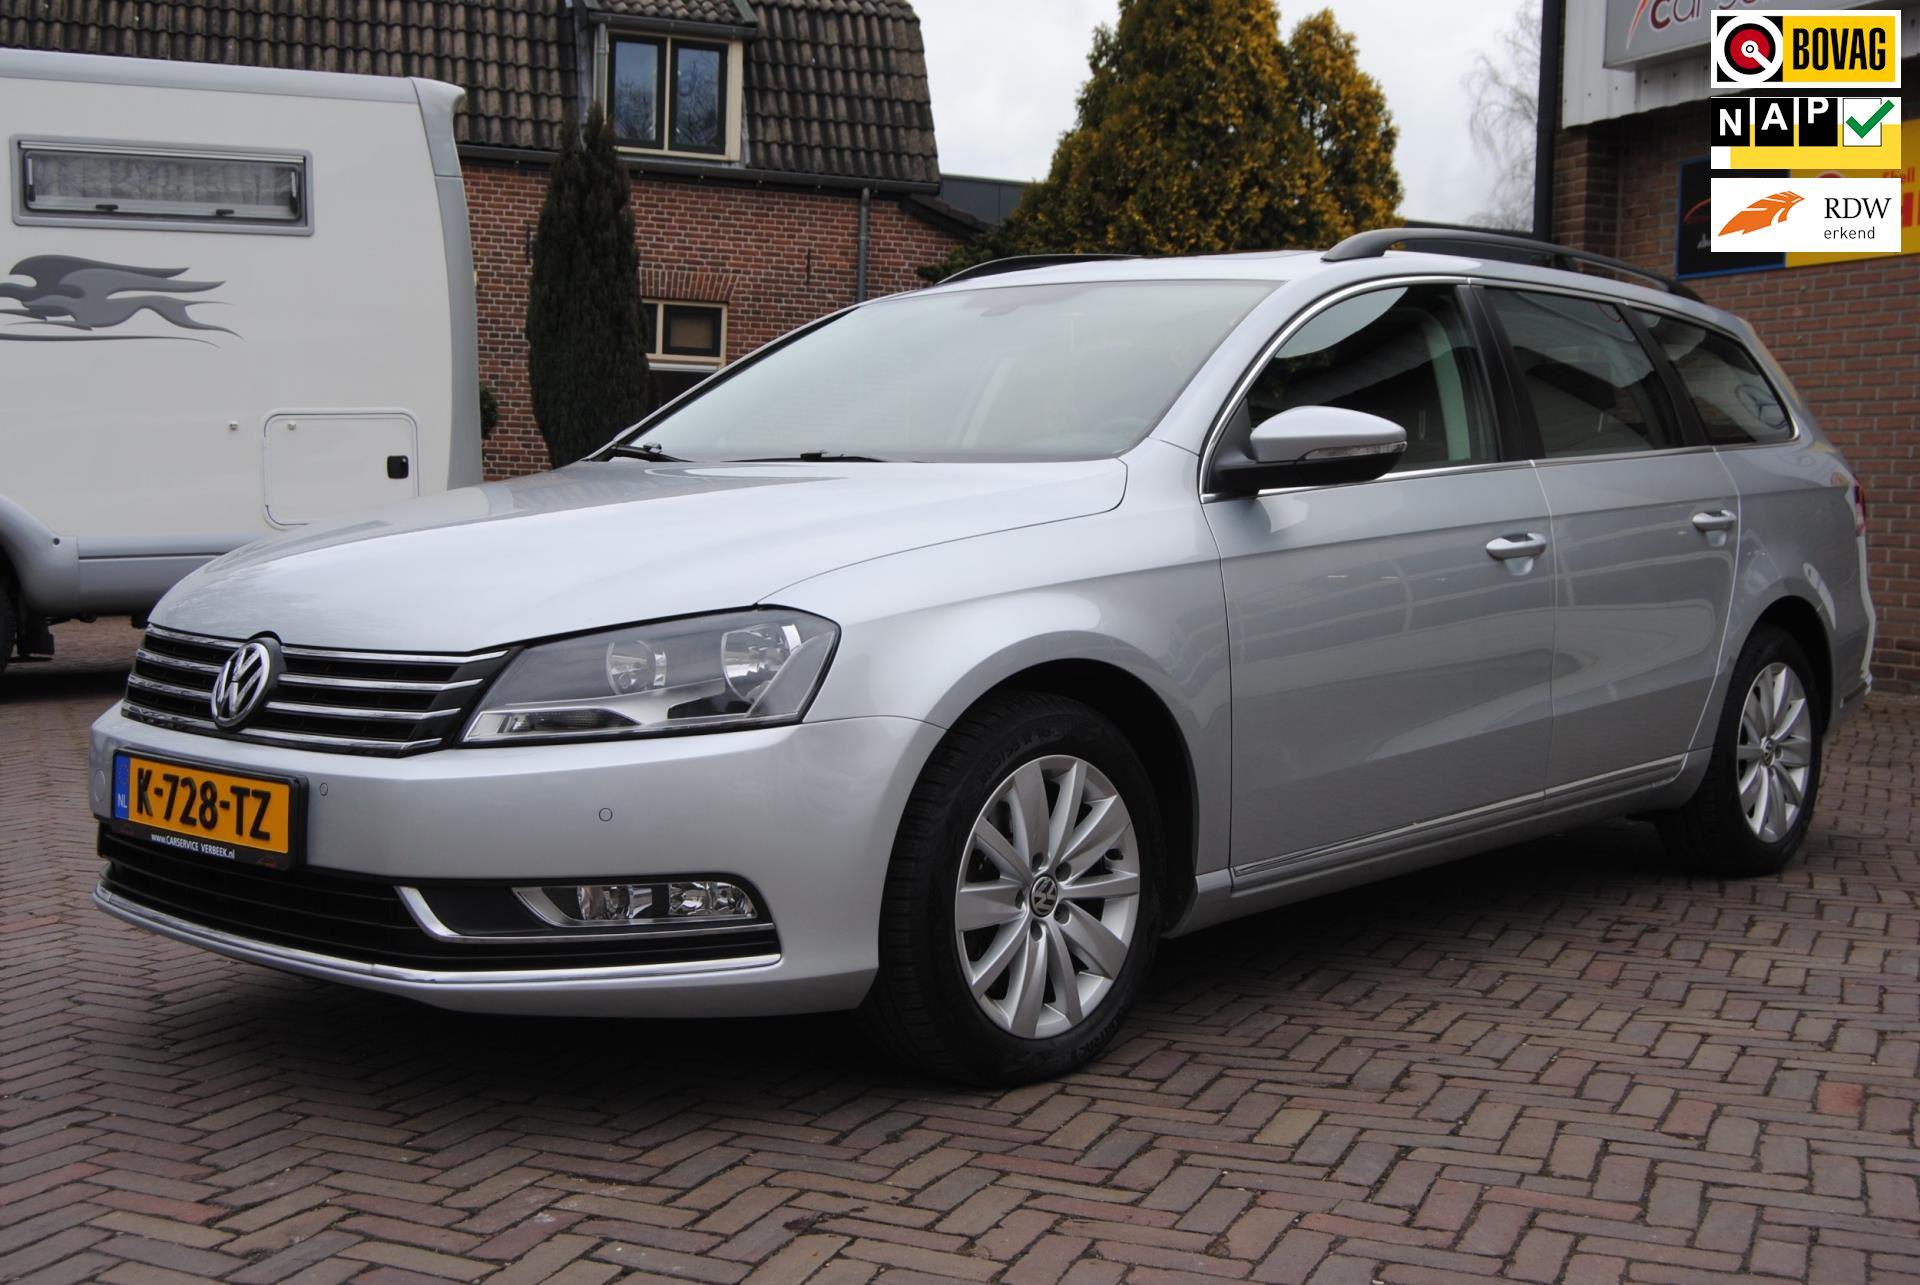 Volkswagen Passat Variant occasion - Carservice Verbeek